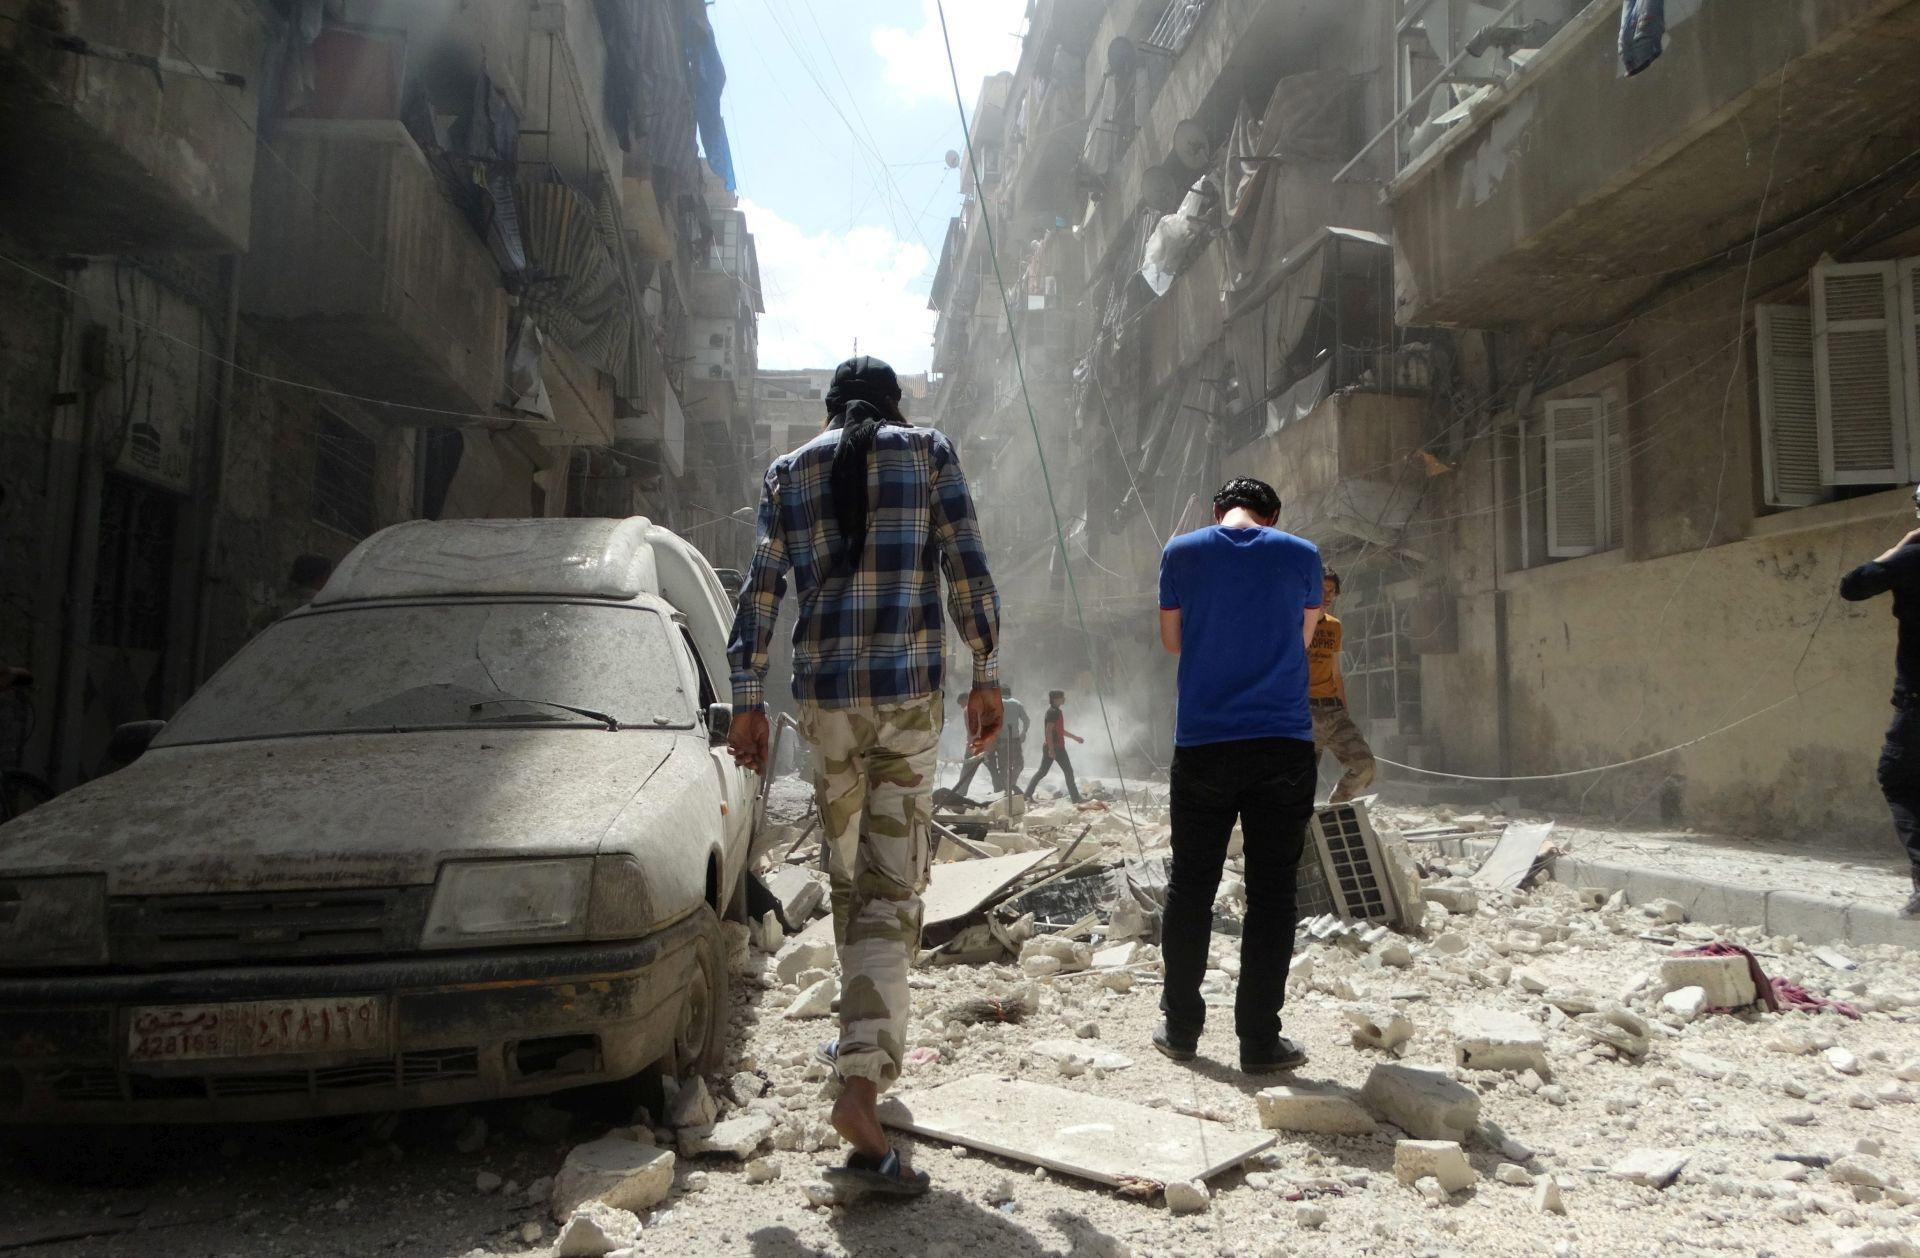 WASHINGTON: Zahtijeva se prekid bombardiranja na Alep, stanovnici bježe iz pakla